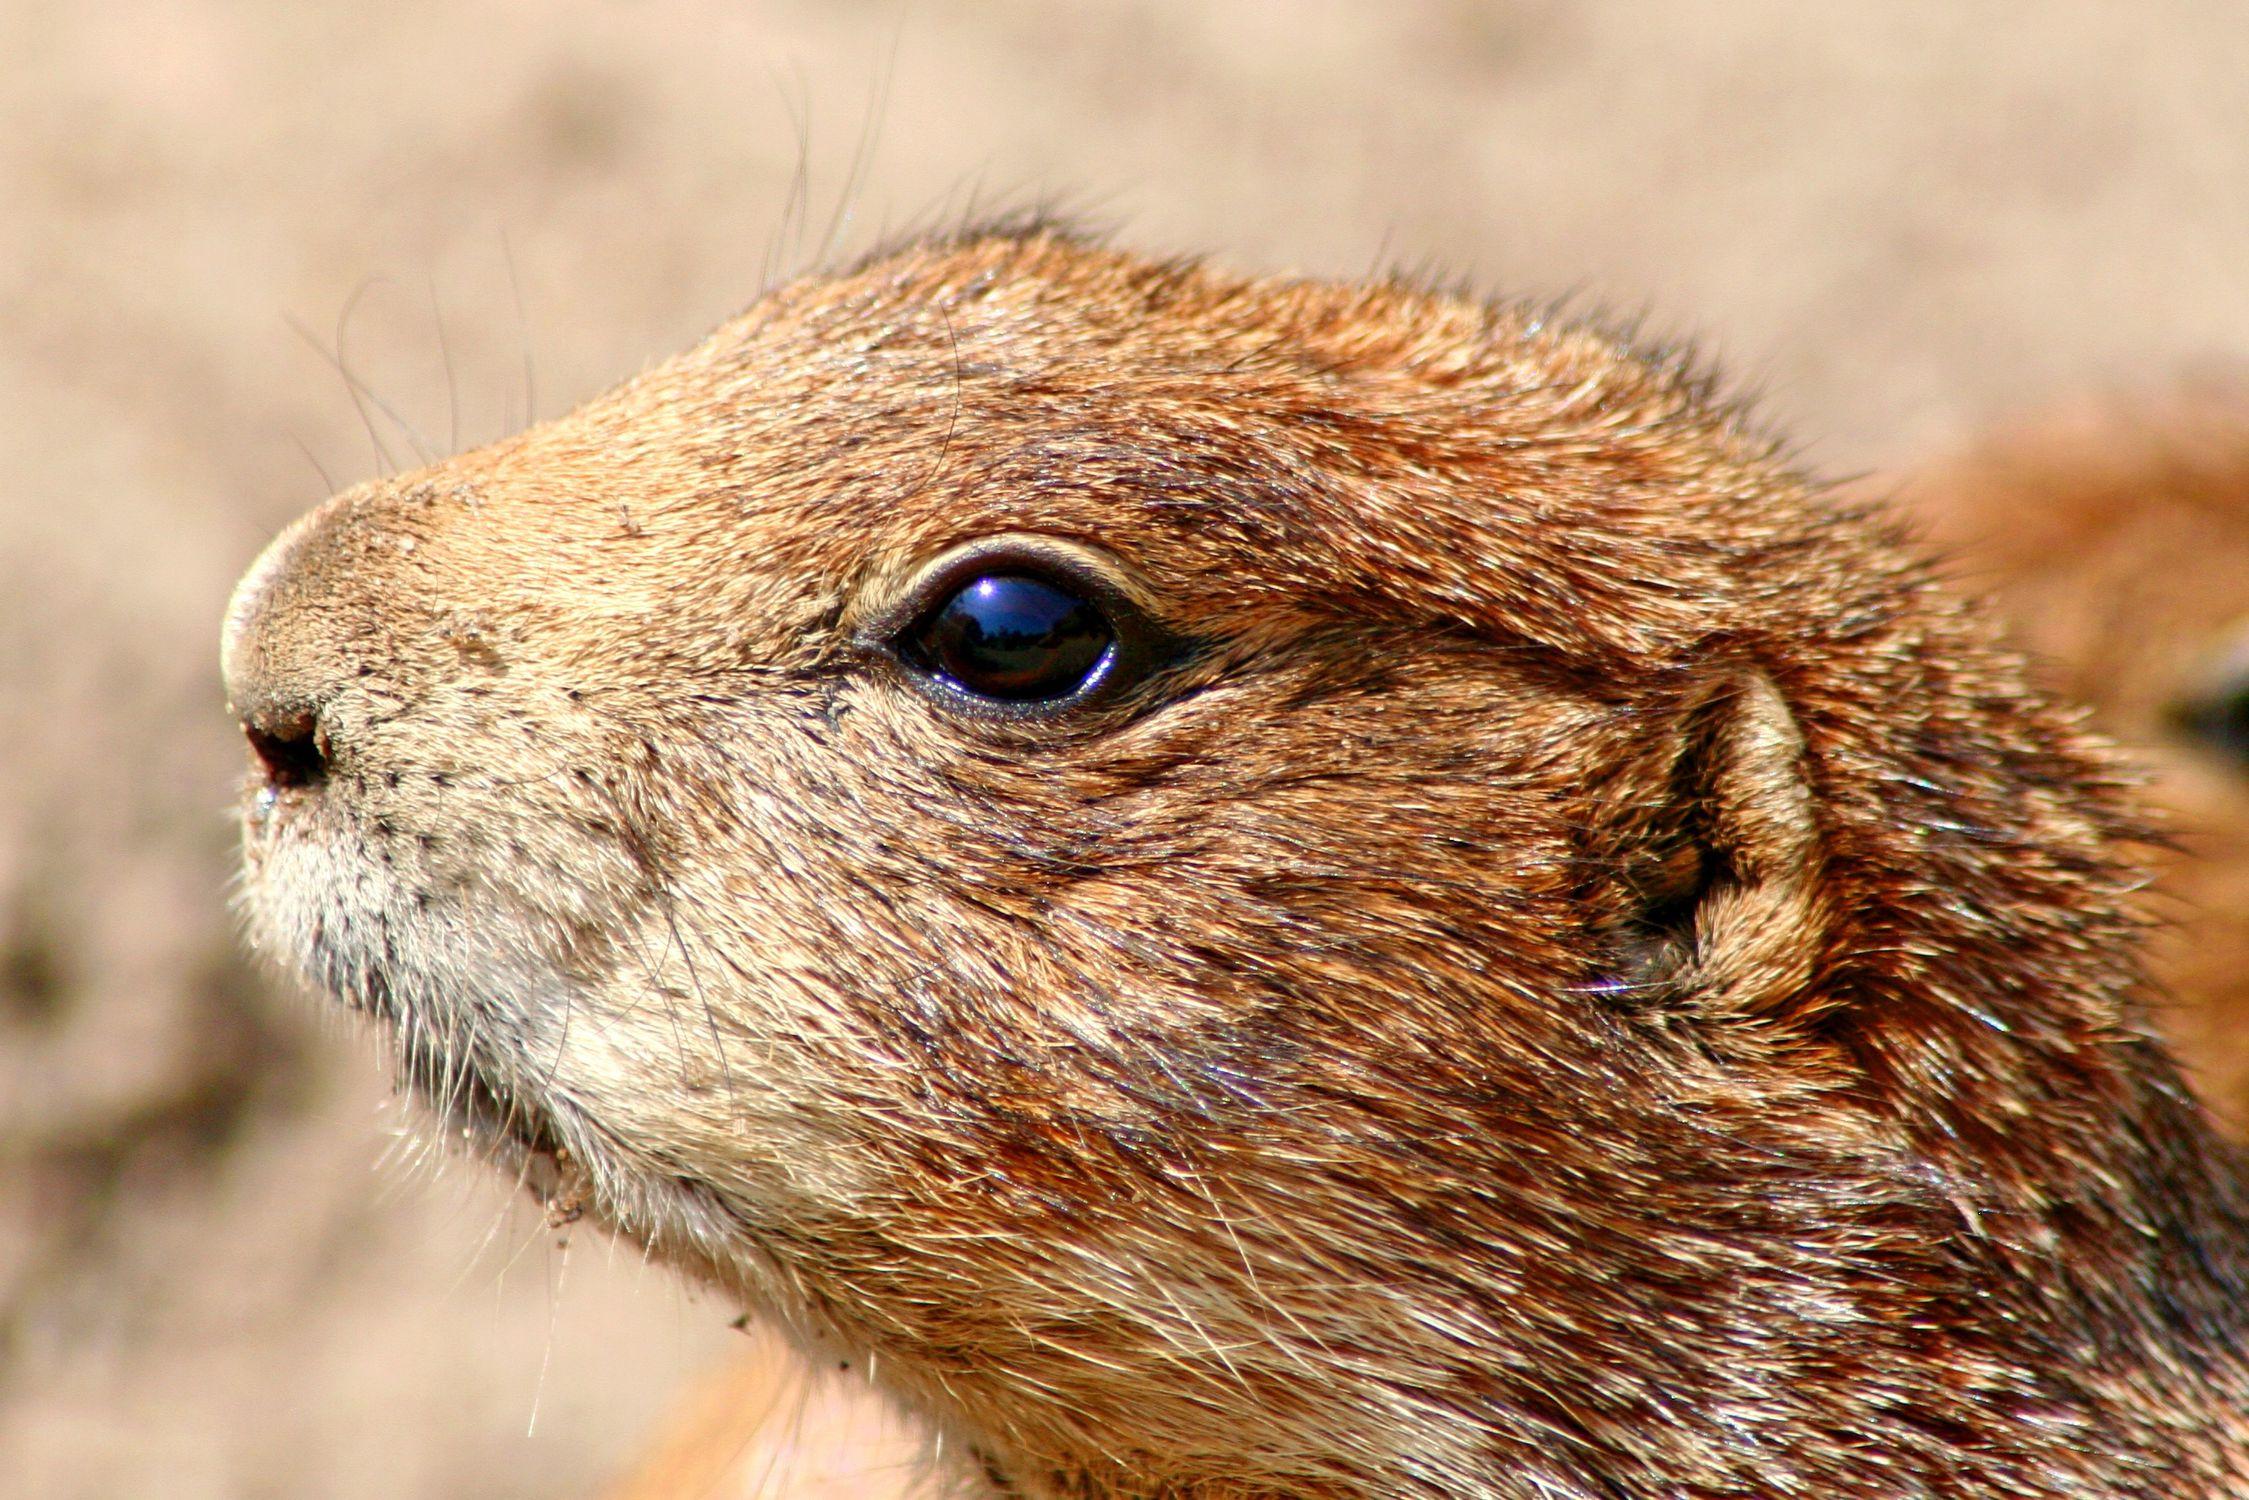 Bild mit Tiere, Säugetiere, Nagetiere, Ratten, Taschenratten, Hörnchen, Erdhörnchen, Biber